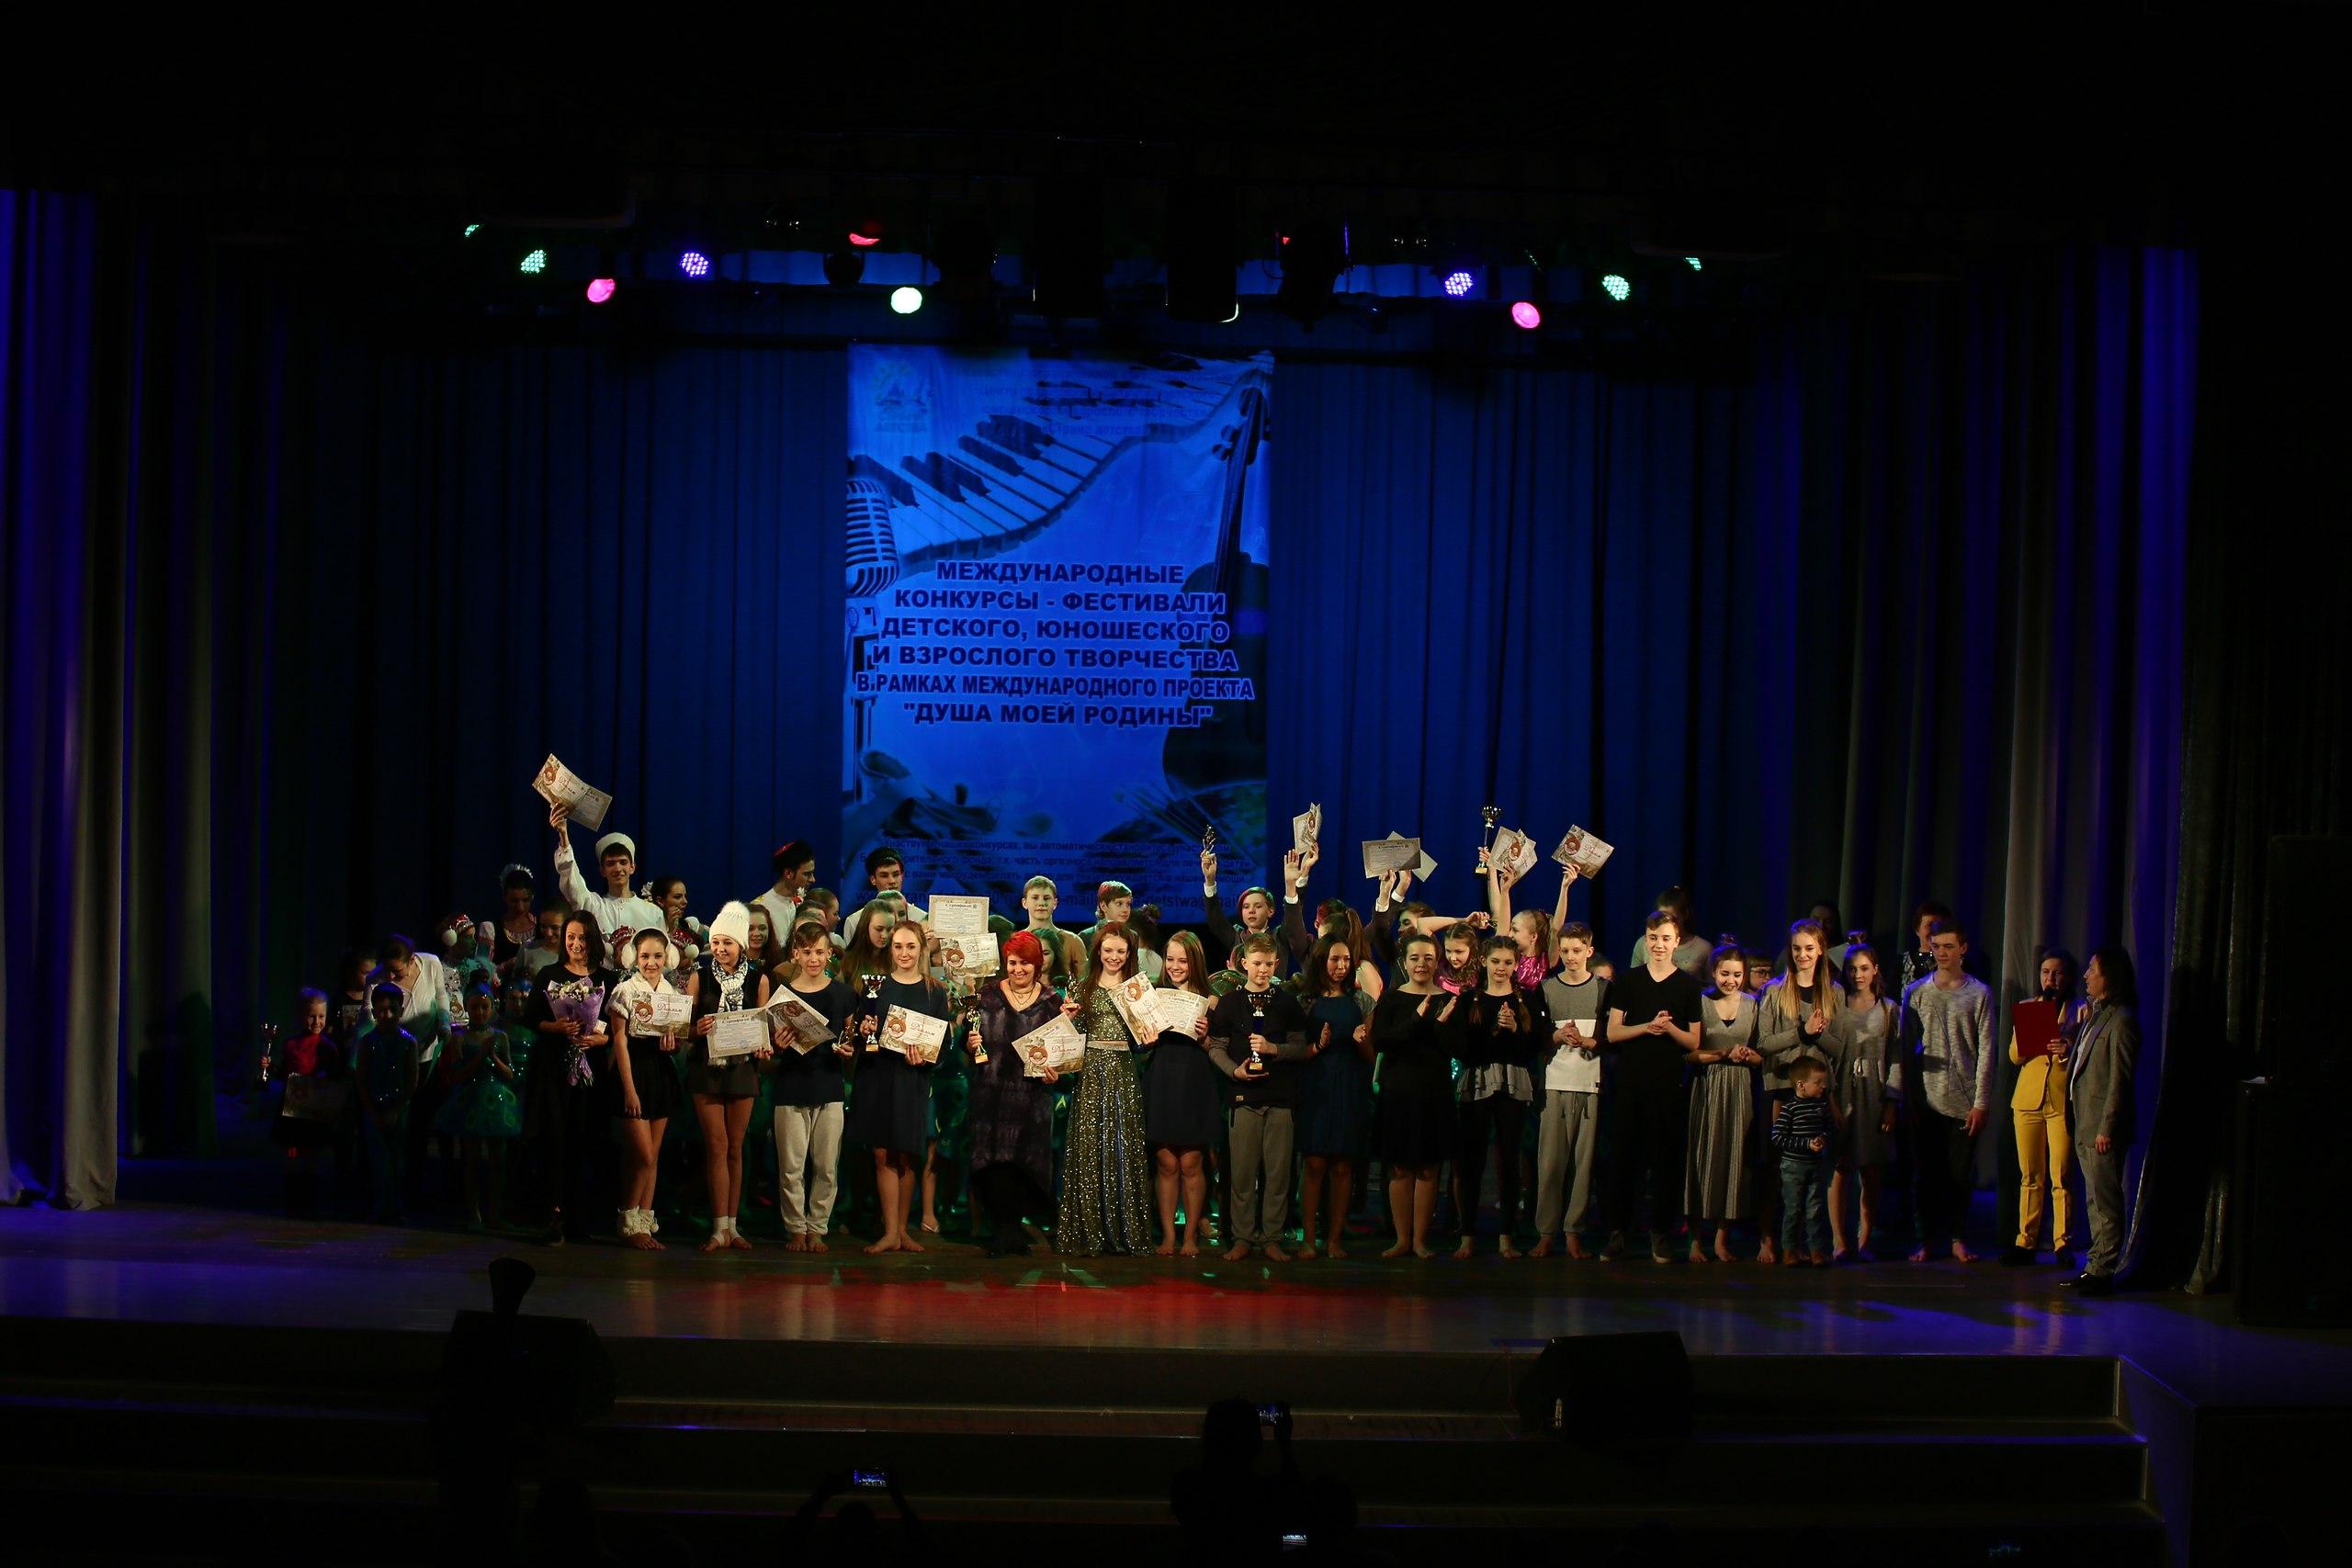 Впервые, мы провели свой конкурс в удивительном городе Красноярске.